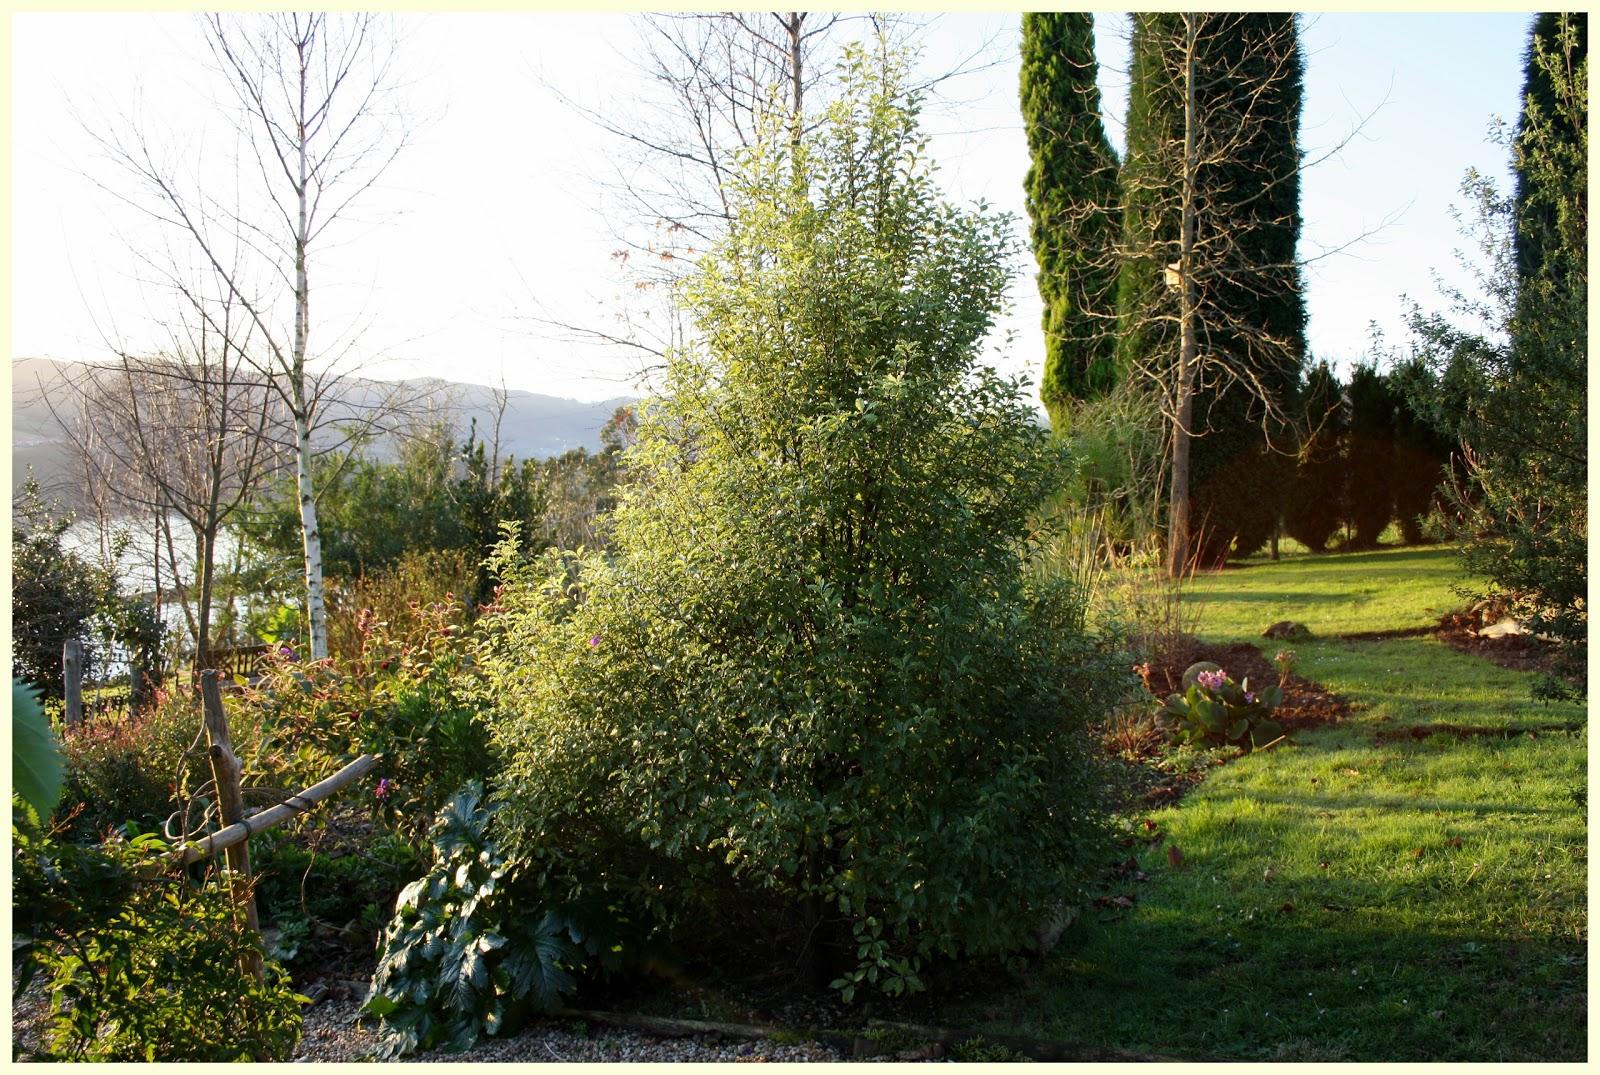 El jard n de margarita pittosporum tenuifolia y azara for Arboles frutales de hoja perenne para jardin